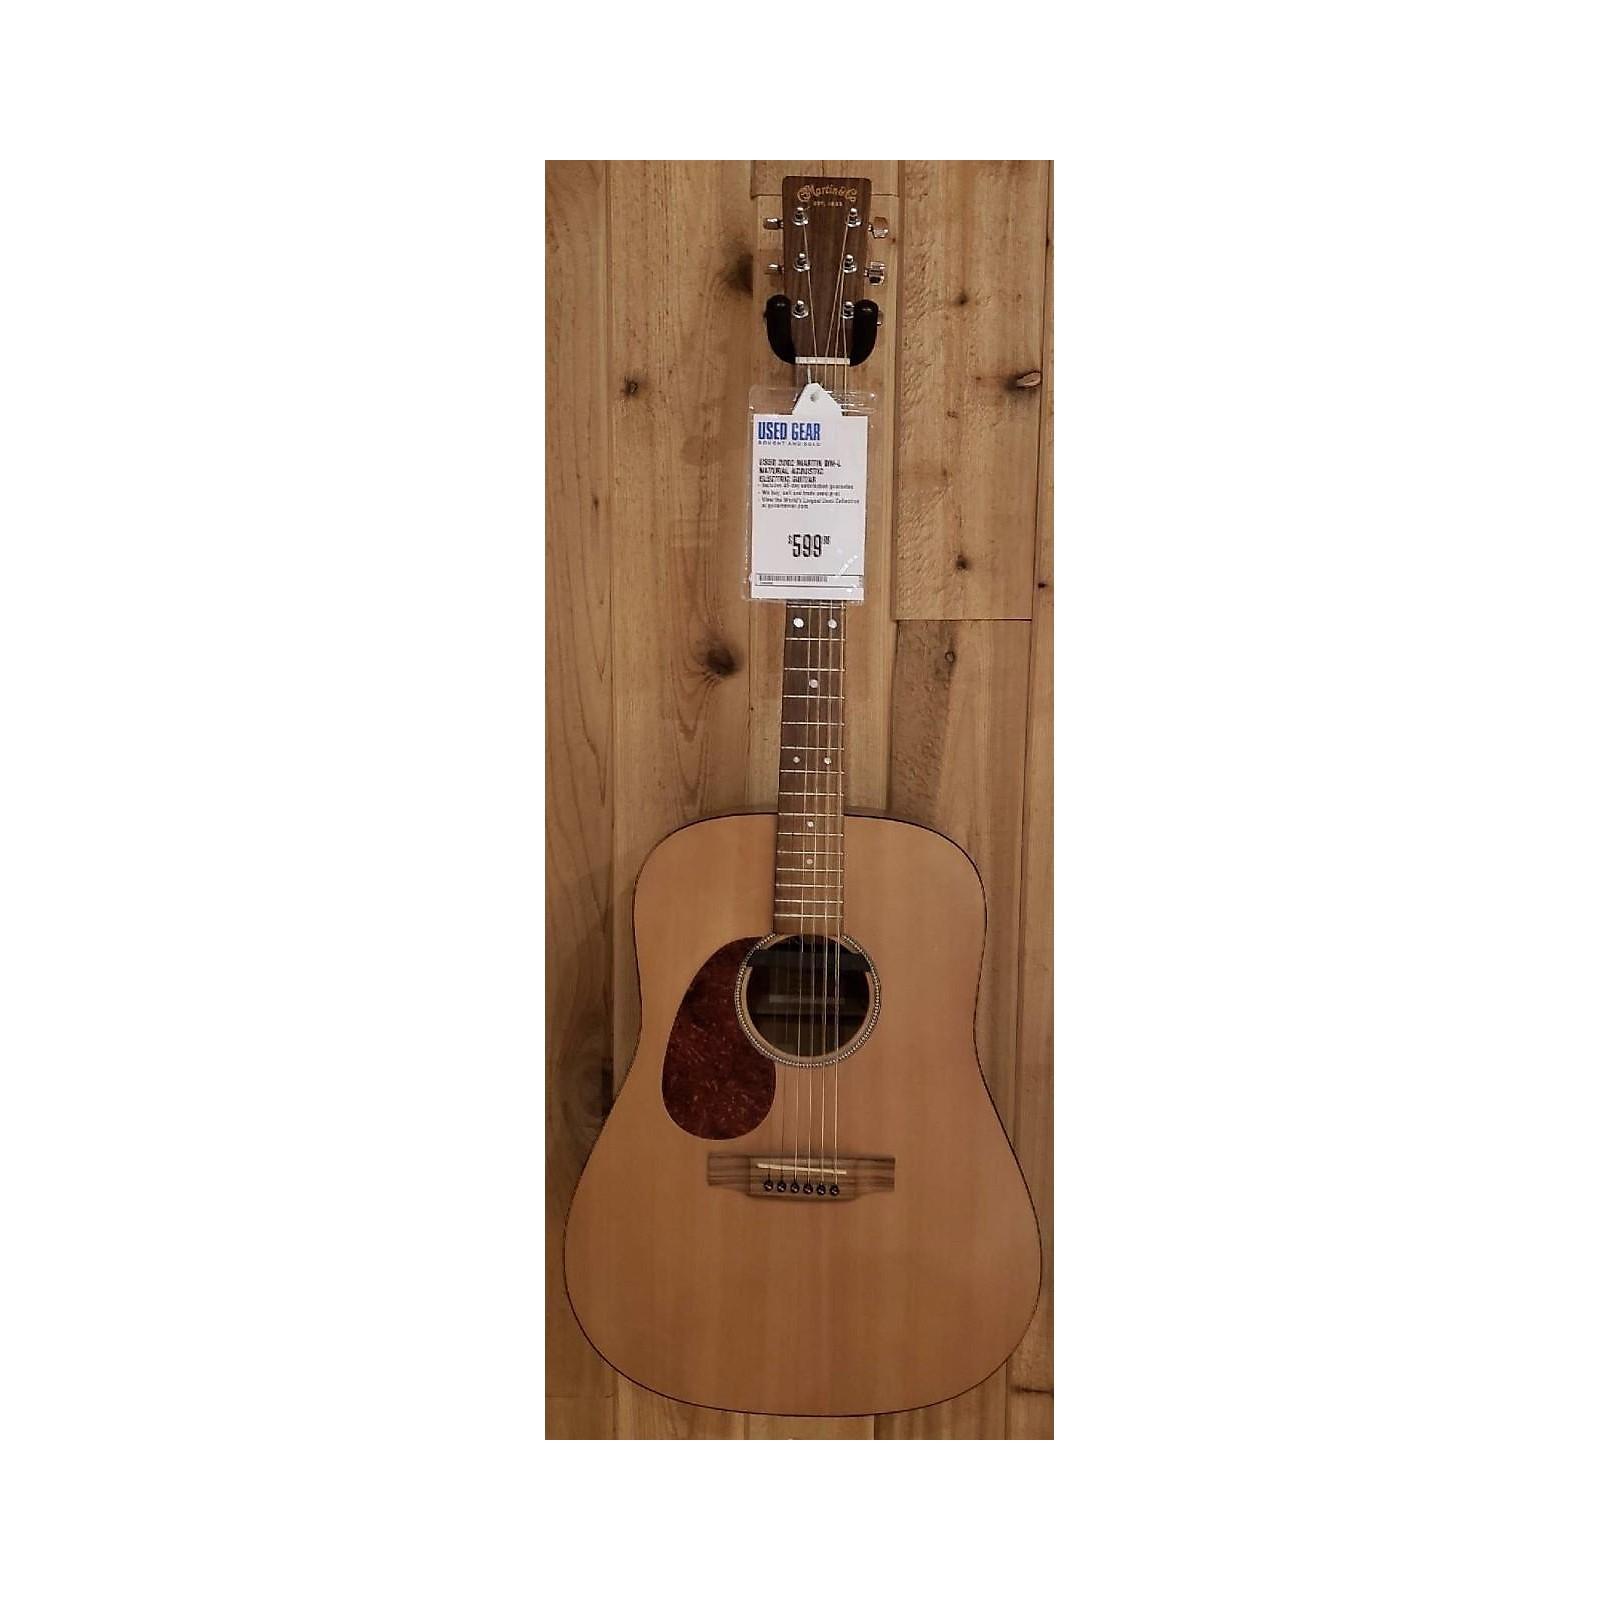 Martin 2002 DM-L Acoustic Electric Guitar